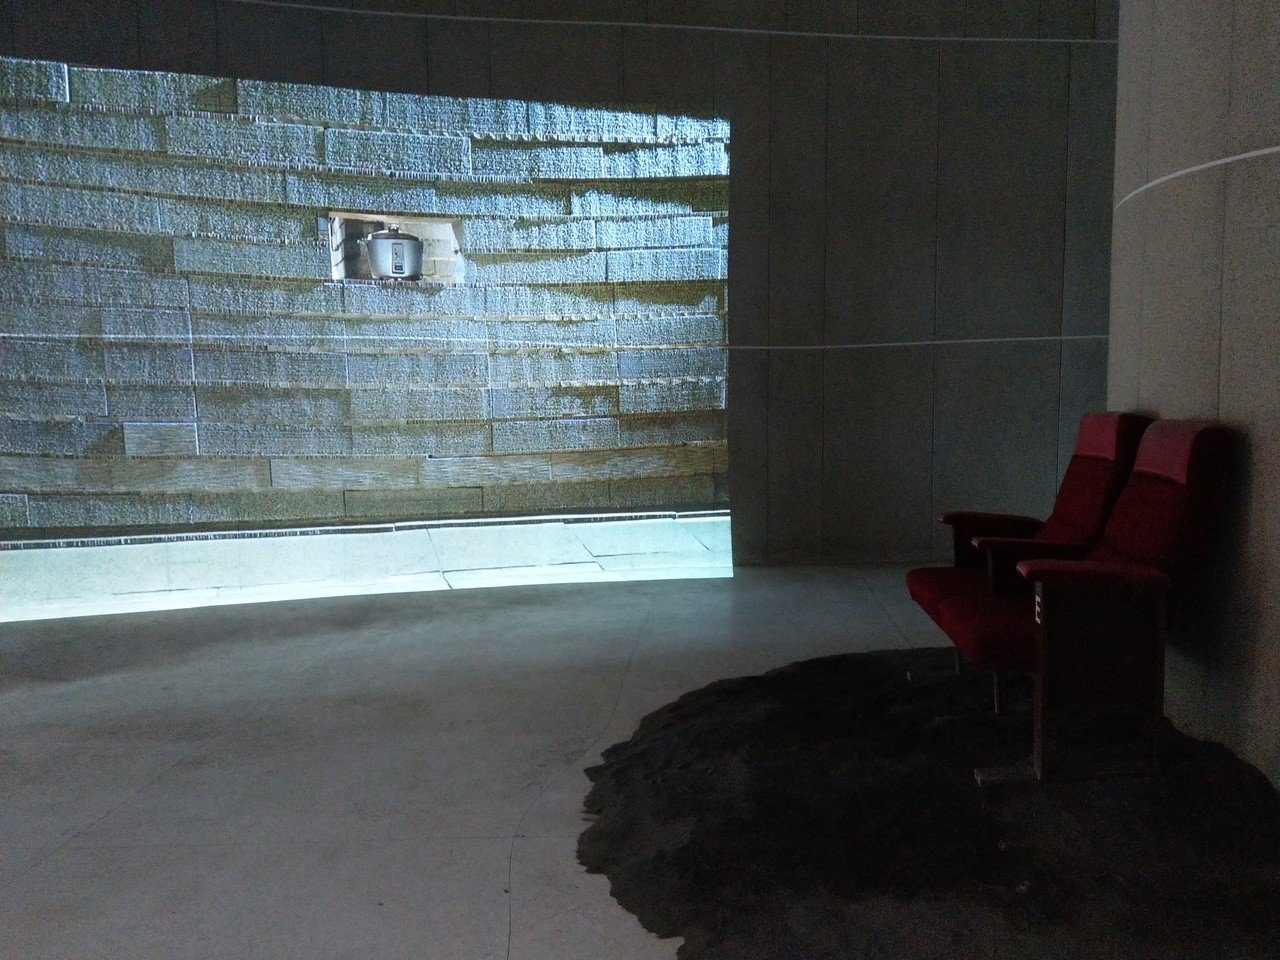 《行者.蔡明亮》展覽作品之一,牆面投影是一個沸騰的電鍋。 記者戴永華/攝影